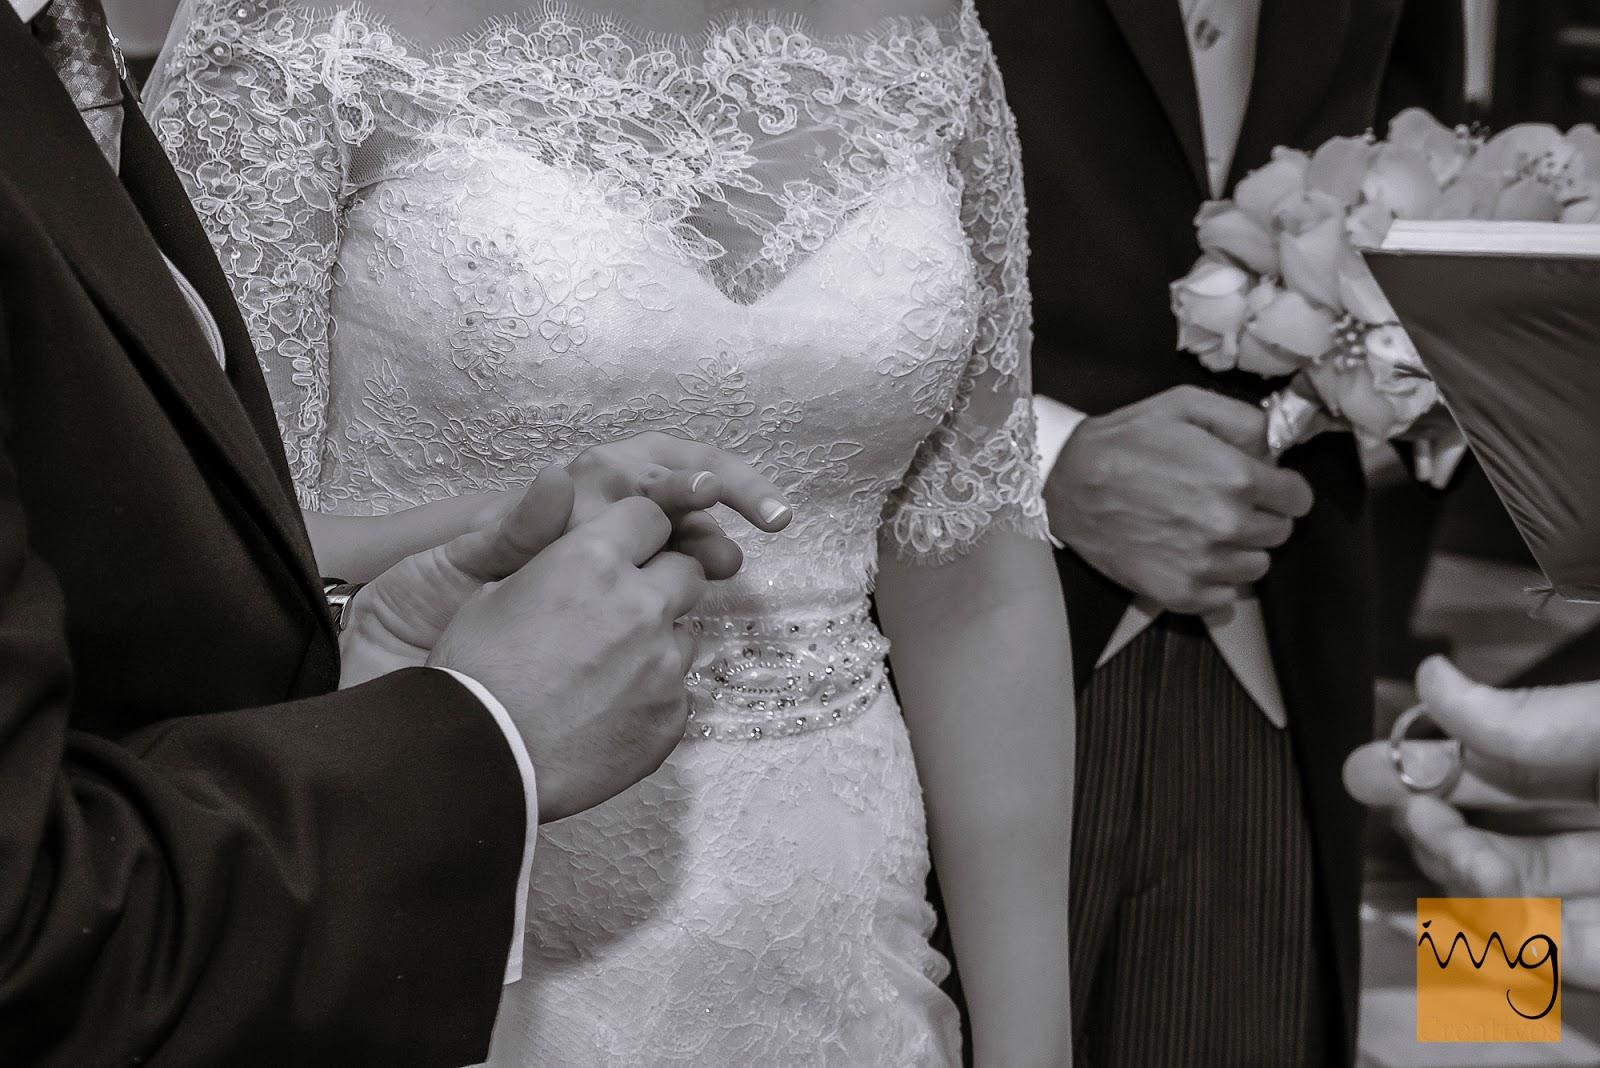 Fotografía de boda, detalle de la alianza.